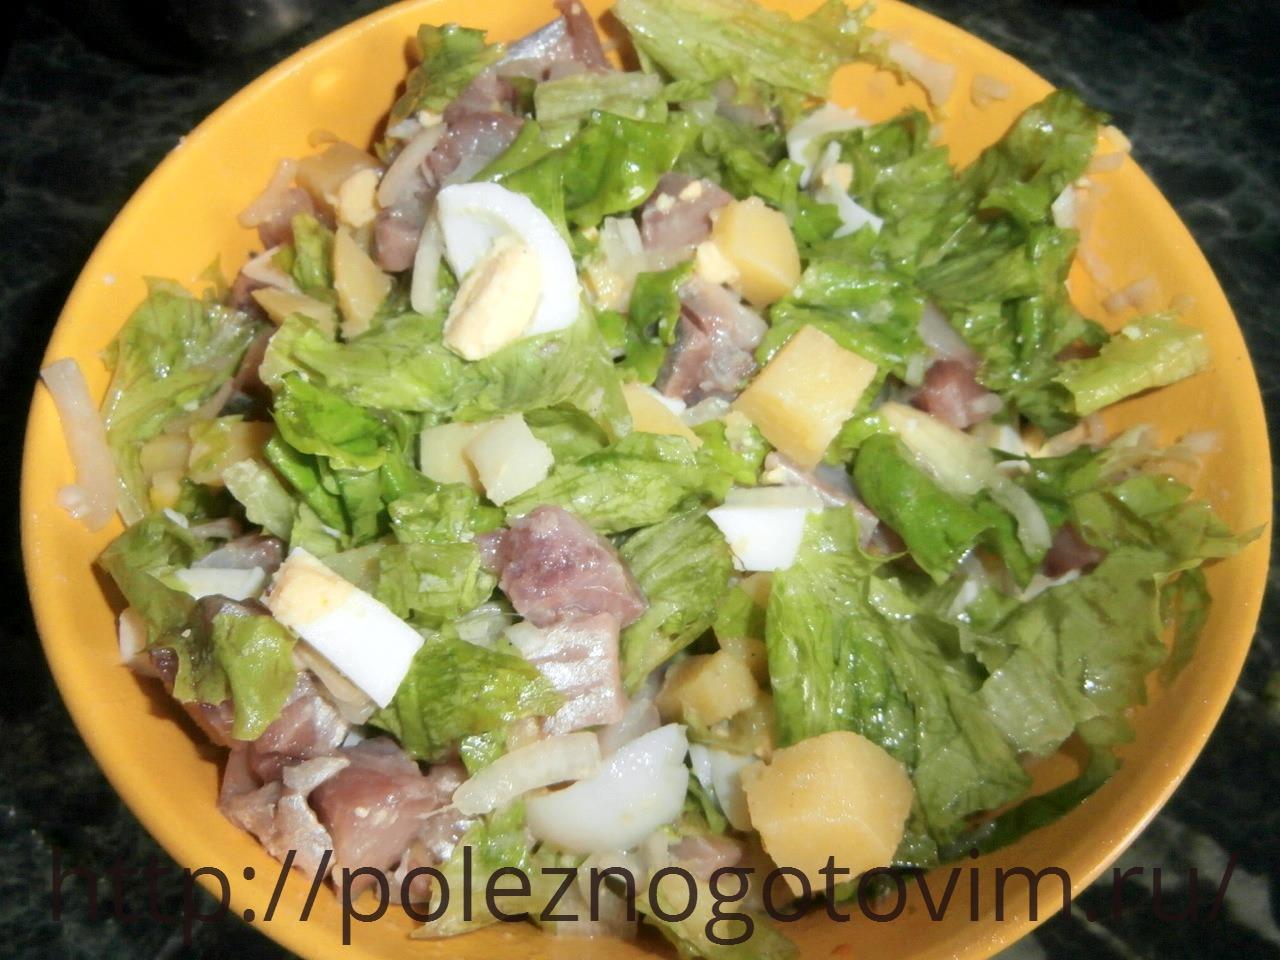 недорогие легкие салаты рецепты